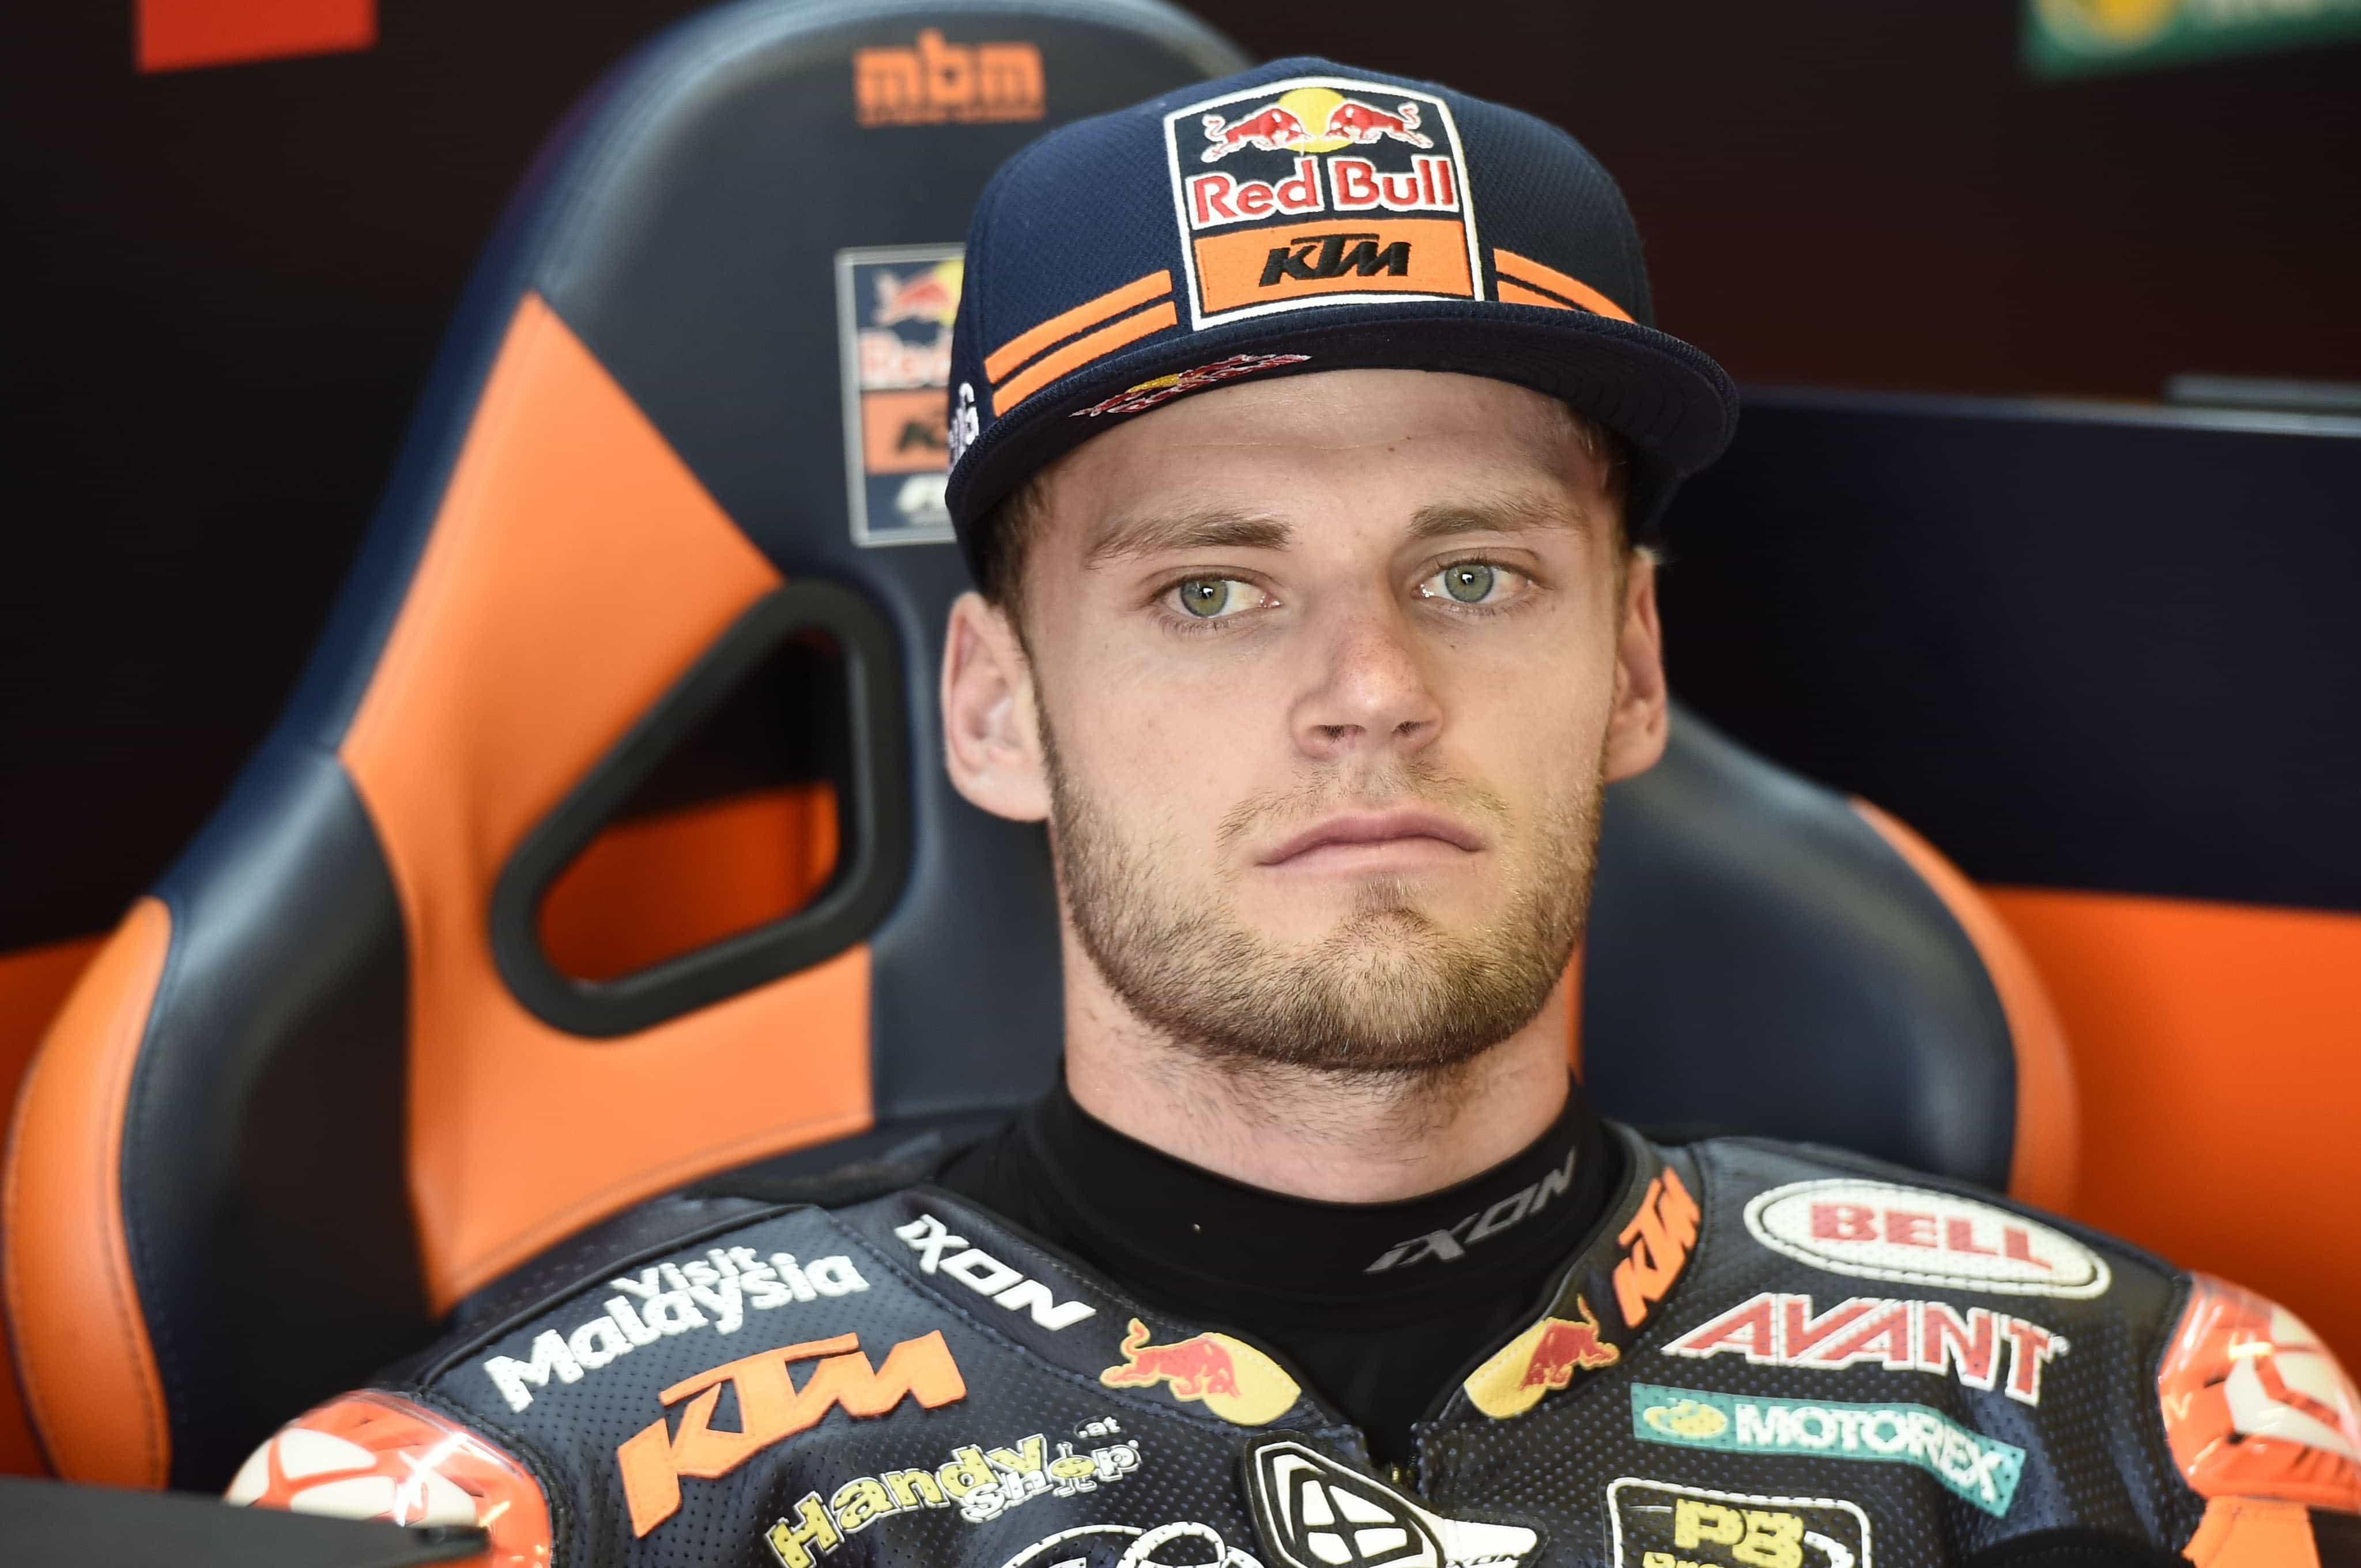 Red Bull KTMファクトリーレーシング 2020年にブラッド・ビンダーを起用、レクオーナはRed Bull KTM Tech3から参戦